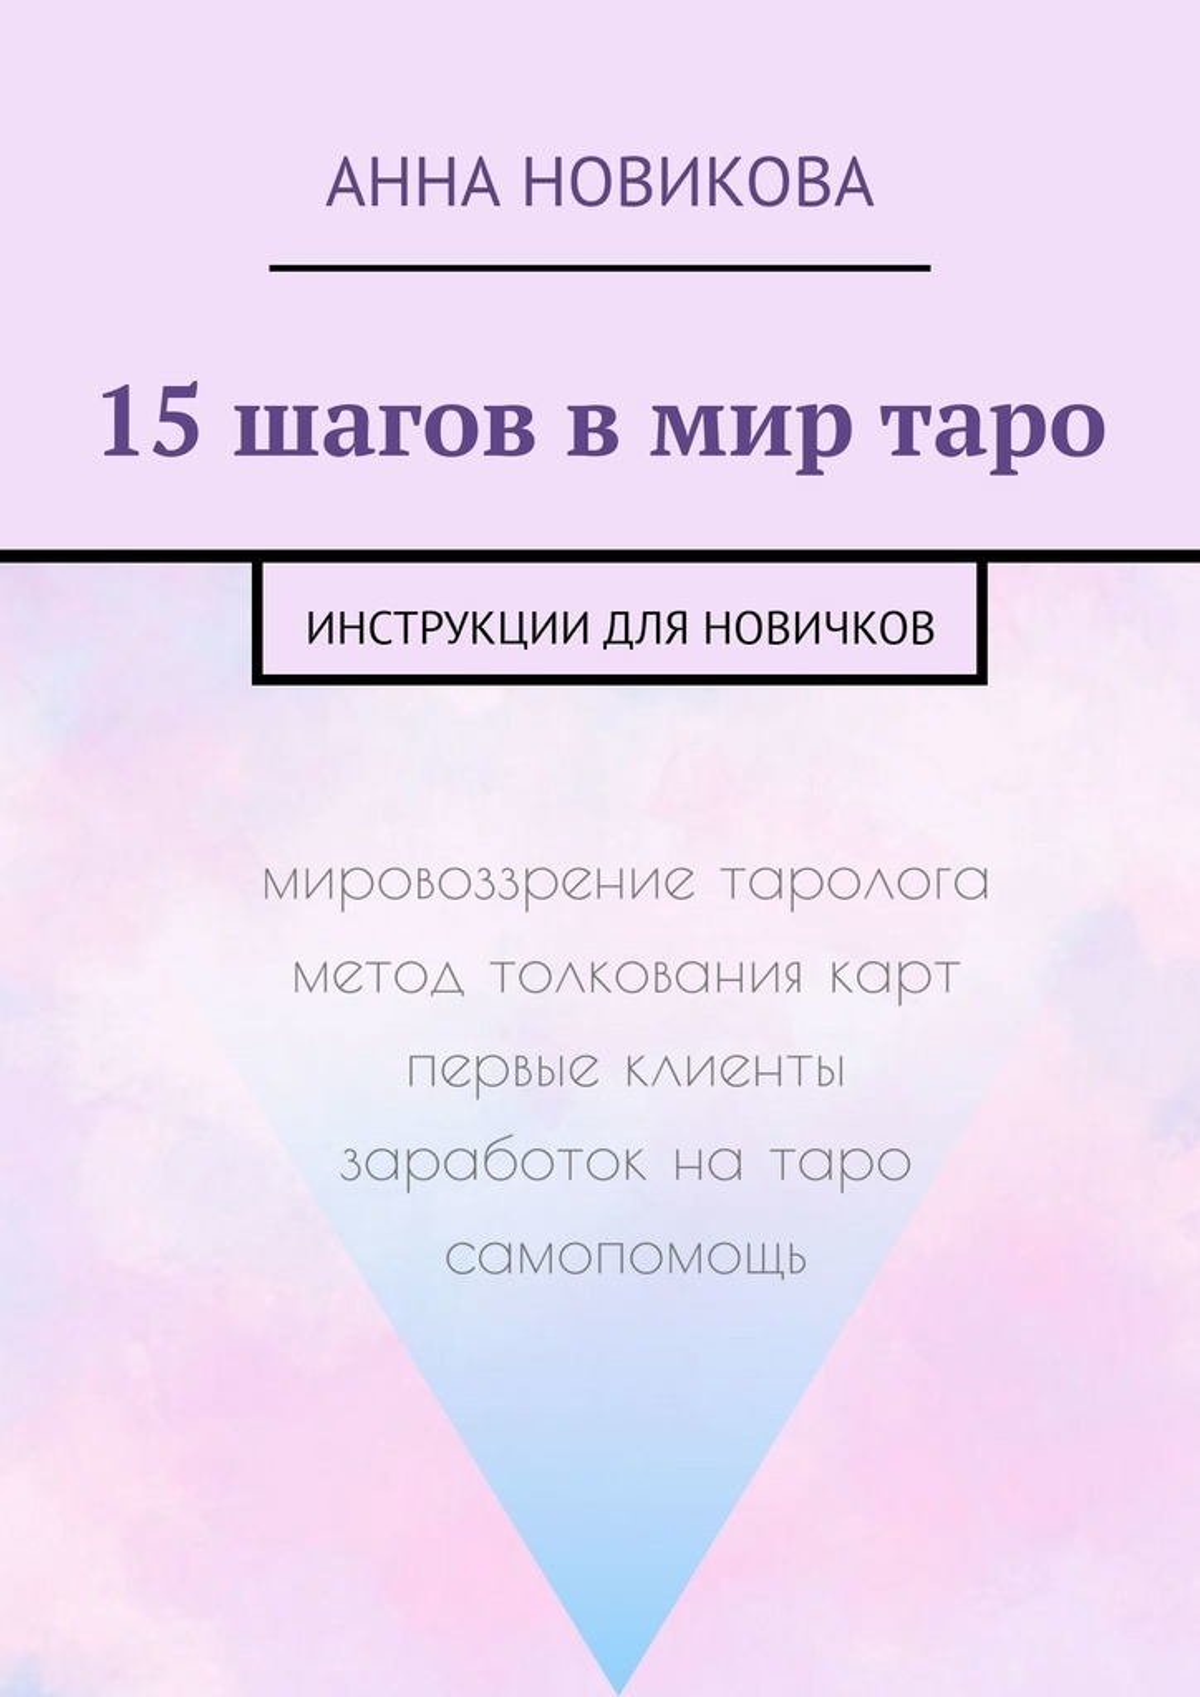 15шагов вмиртаро. Инструкции для новичков